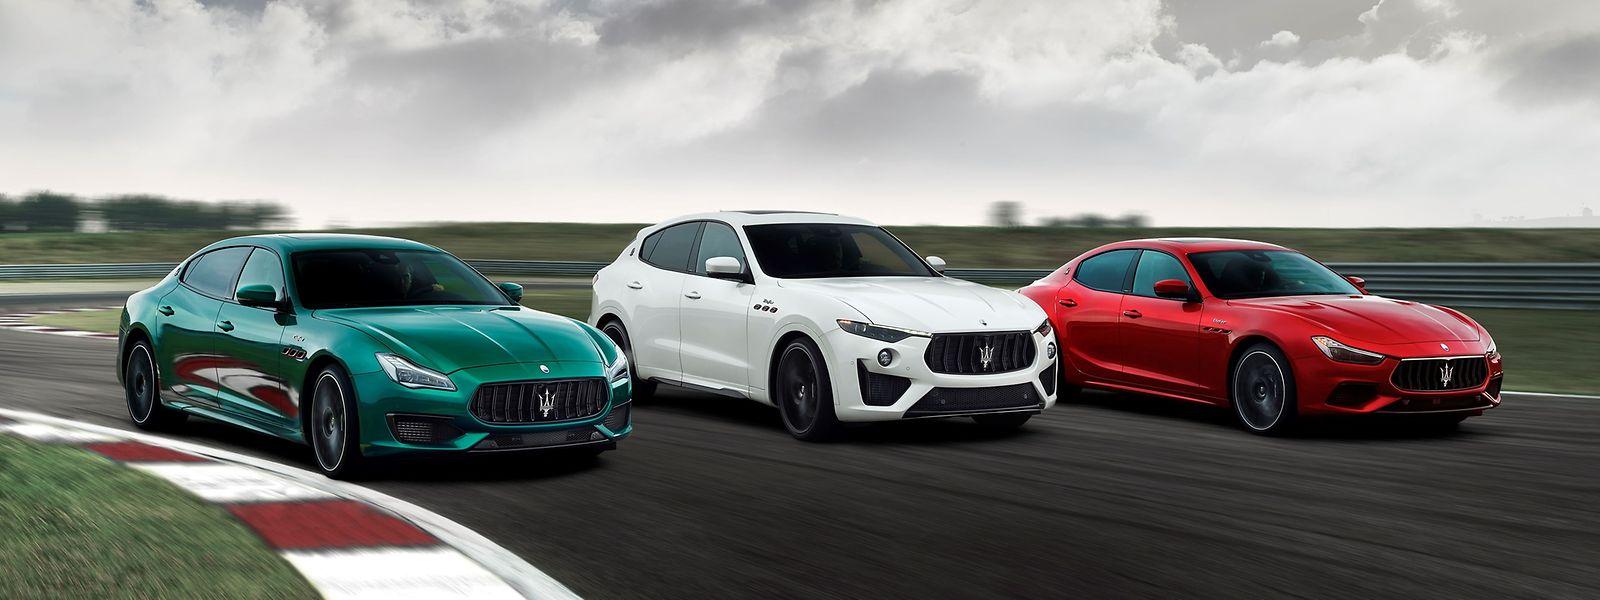 Die Trofeo-Topmodelle (von links: Quattroporte, Levante, Ghibli) von Maserati versprechen Luxus gepaart mit Sportlichkeit.